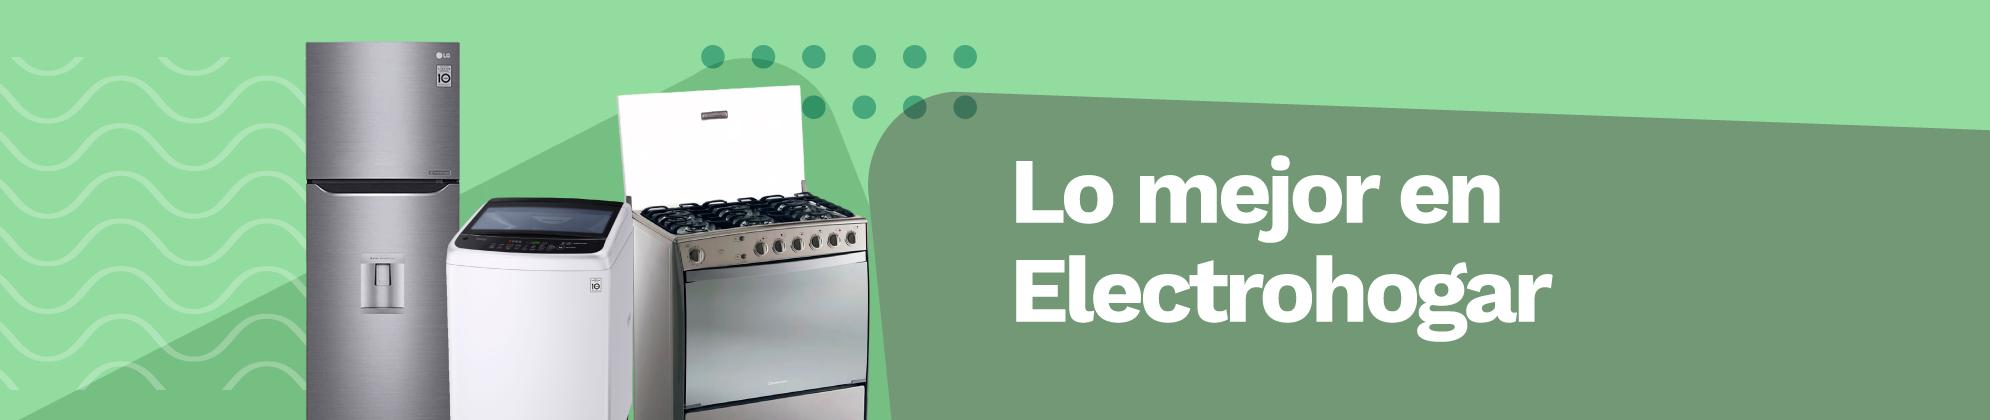 Banner ElectroHogar